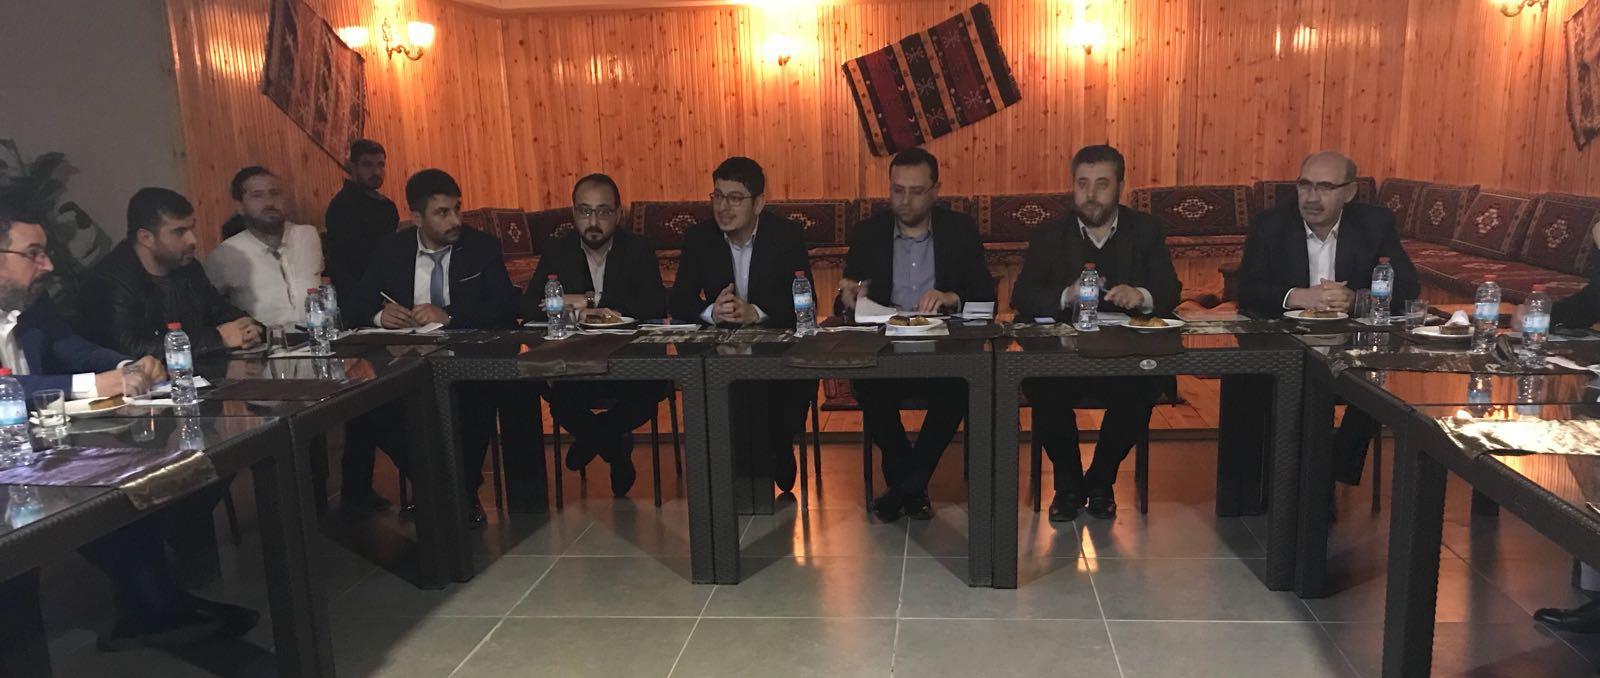 Milletvekili GİZLİGİDER Hafta Sonu Kozaklı İlçe Ziyaretiyle Devam Etti.